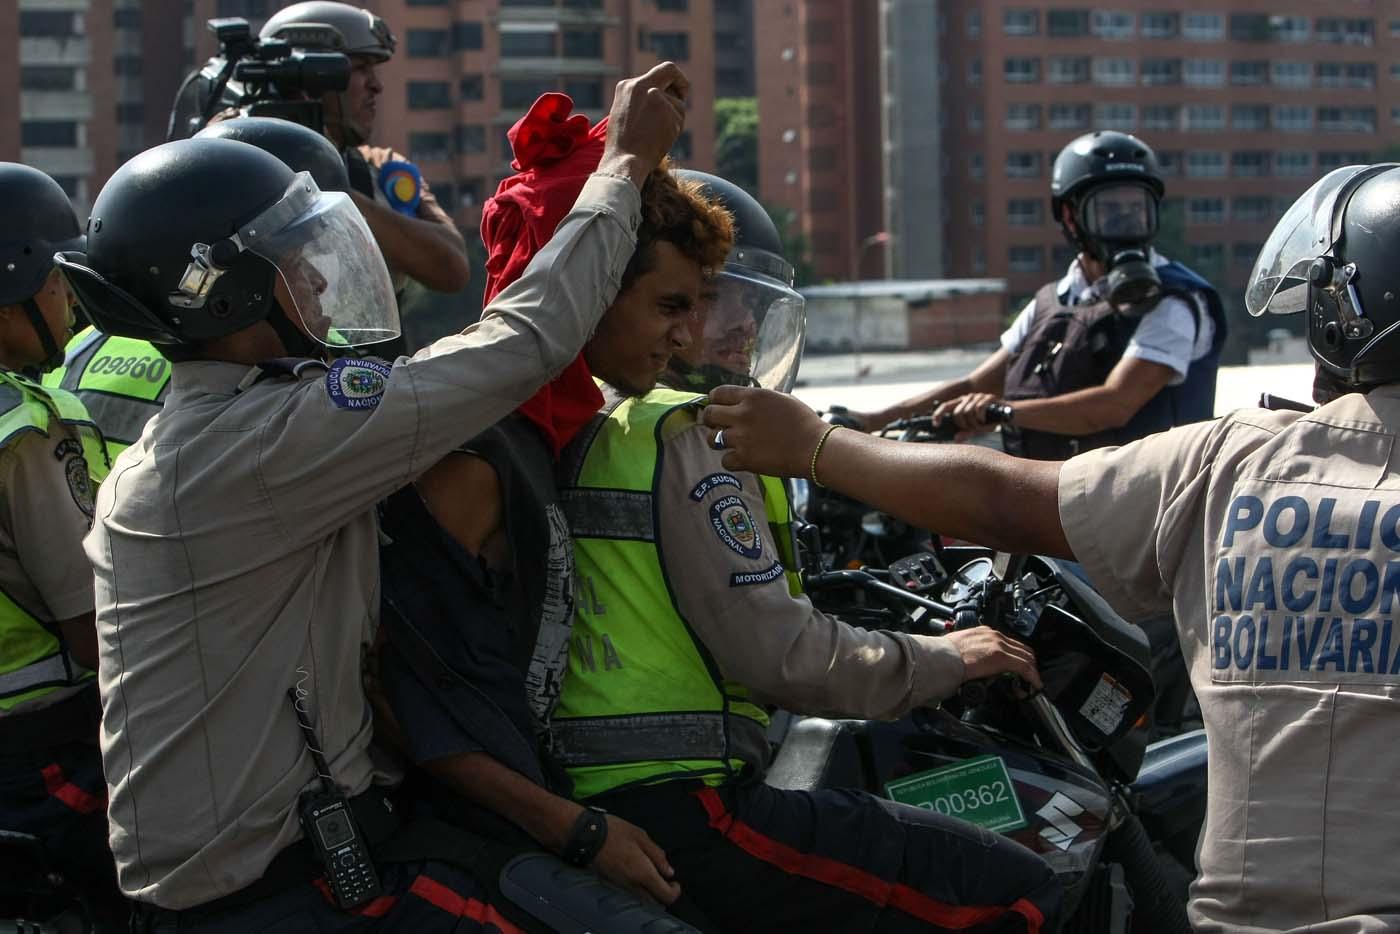 """CAR01. CARACAS (VENEZUELA), 24/04/2017 - Efectivos de la Policía Nacional Bolivariana detienen a un manifestante hoy, lunes 24 de abril de 2017, en Caracas (Venezuela). Centenares de venezolanos en varias ciudades del país comenzaron a concentrarse para la protesta convocada por la oposición denominada """"Venezuela se planta contra la dictadura"""", con la que han llamado a manifestarse en contra del Gobierno de Nicolás Maduro. EFE/CRISTIAN HERNANDEZ"""